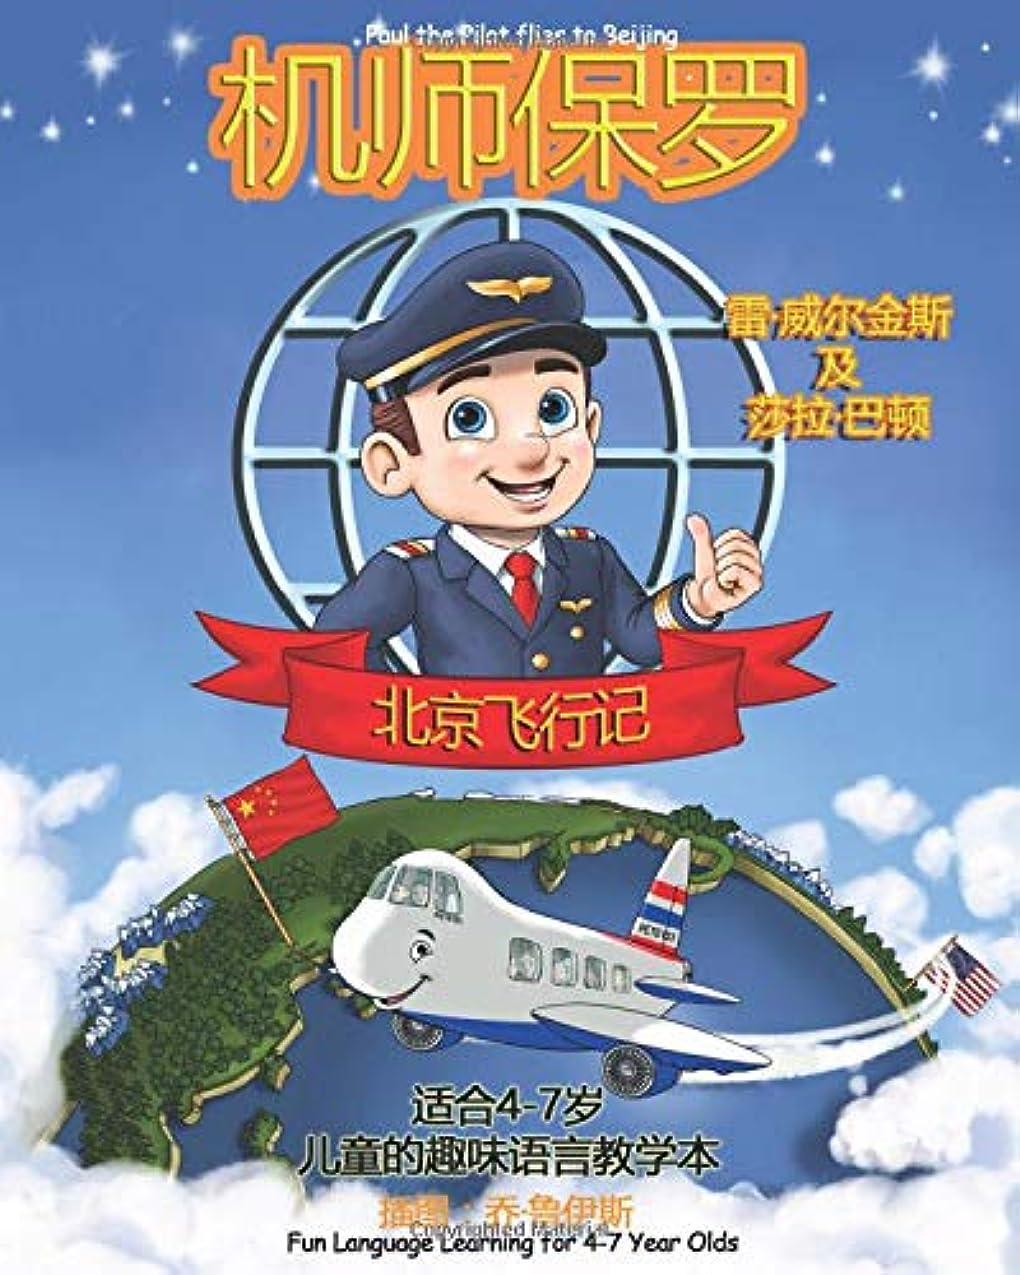 シャーロックホームズはっきりと講師Paul the Pilot Flies to Beijing: Fun Language Learning for 4-7 Year Olds (Paul the Pilot Bilingual Storybooks - English and Chinese)